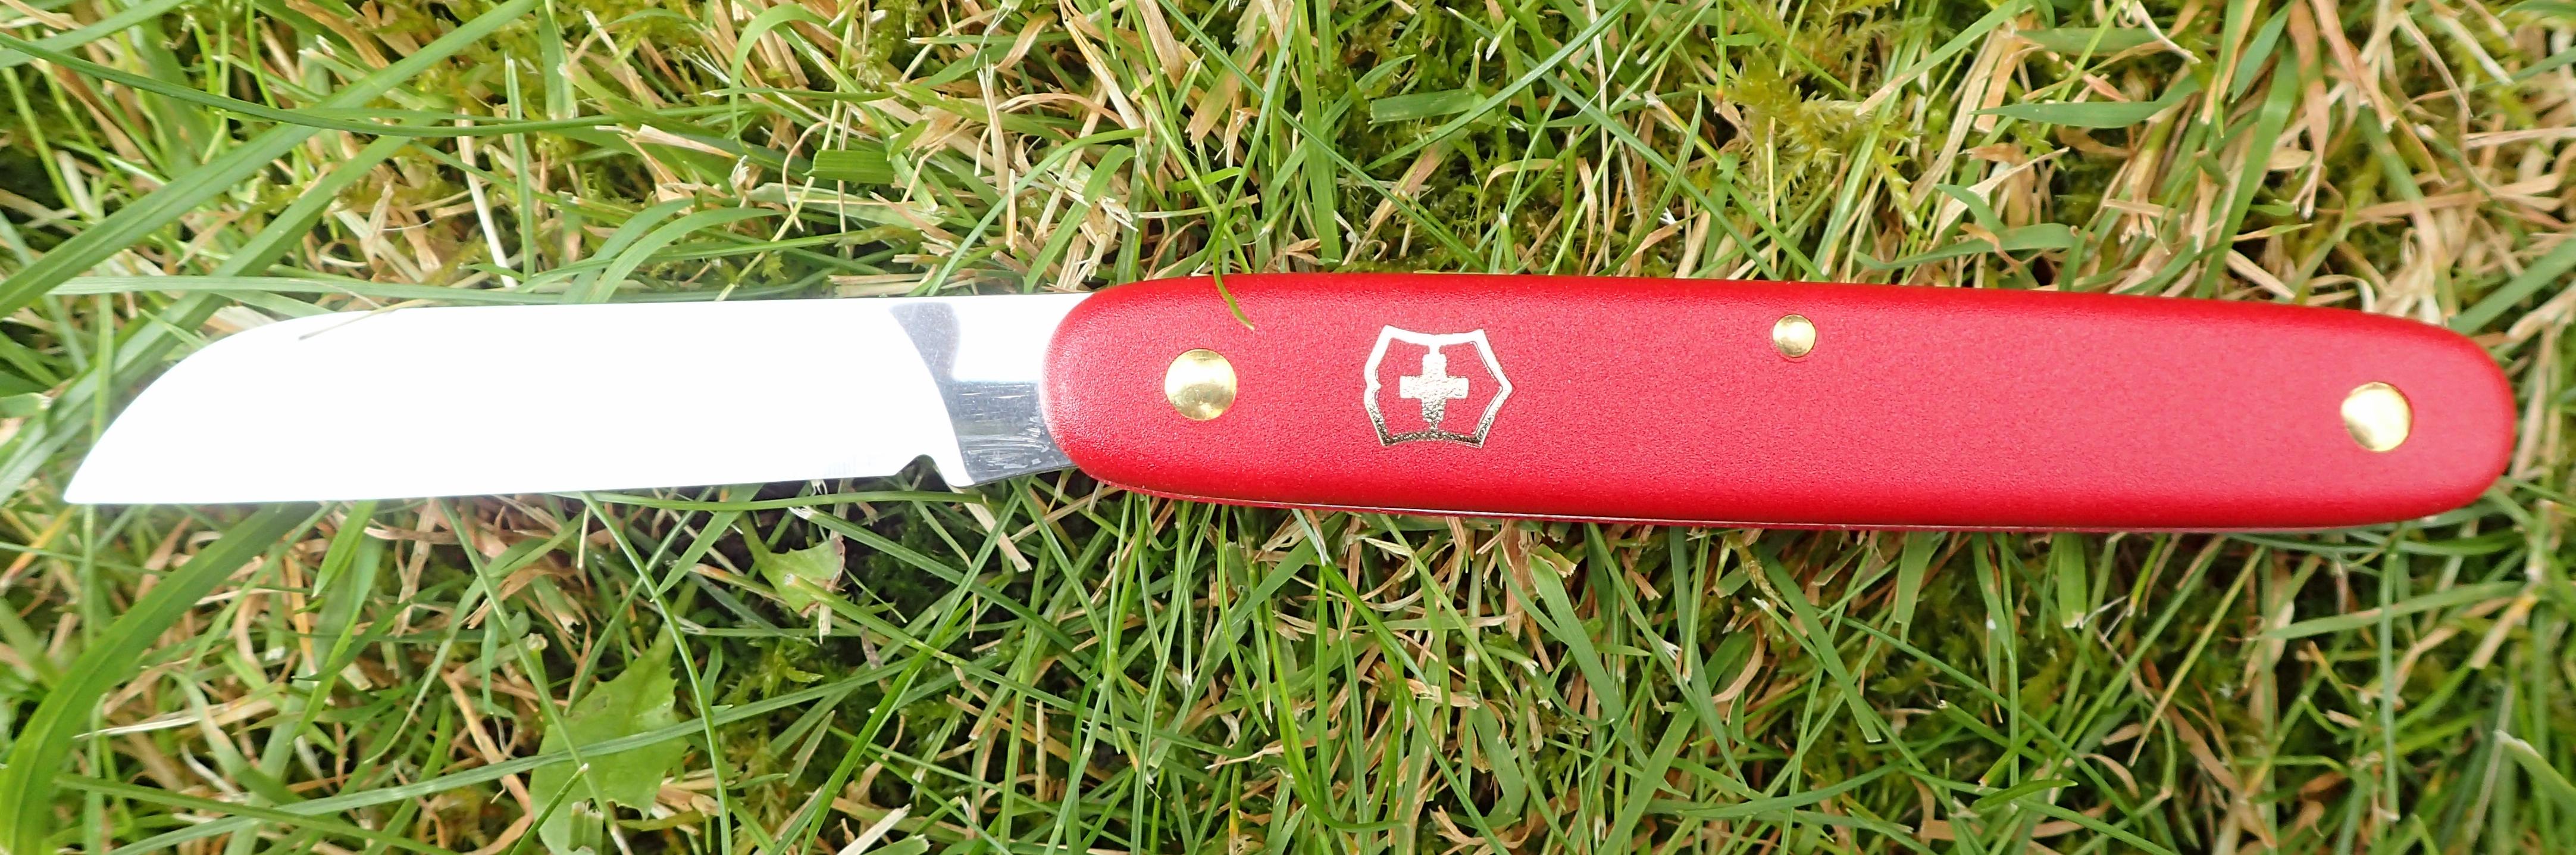 3.9450 floral knife, left-handed